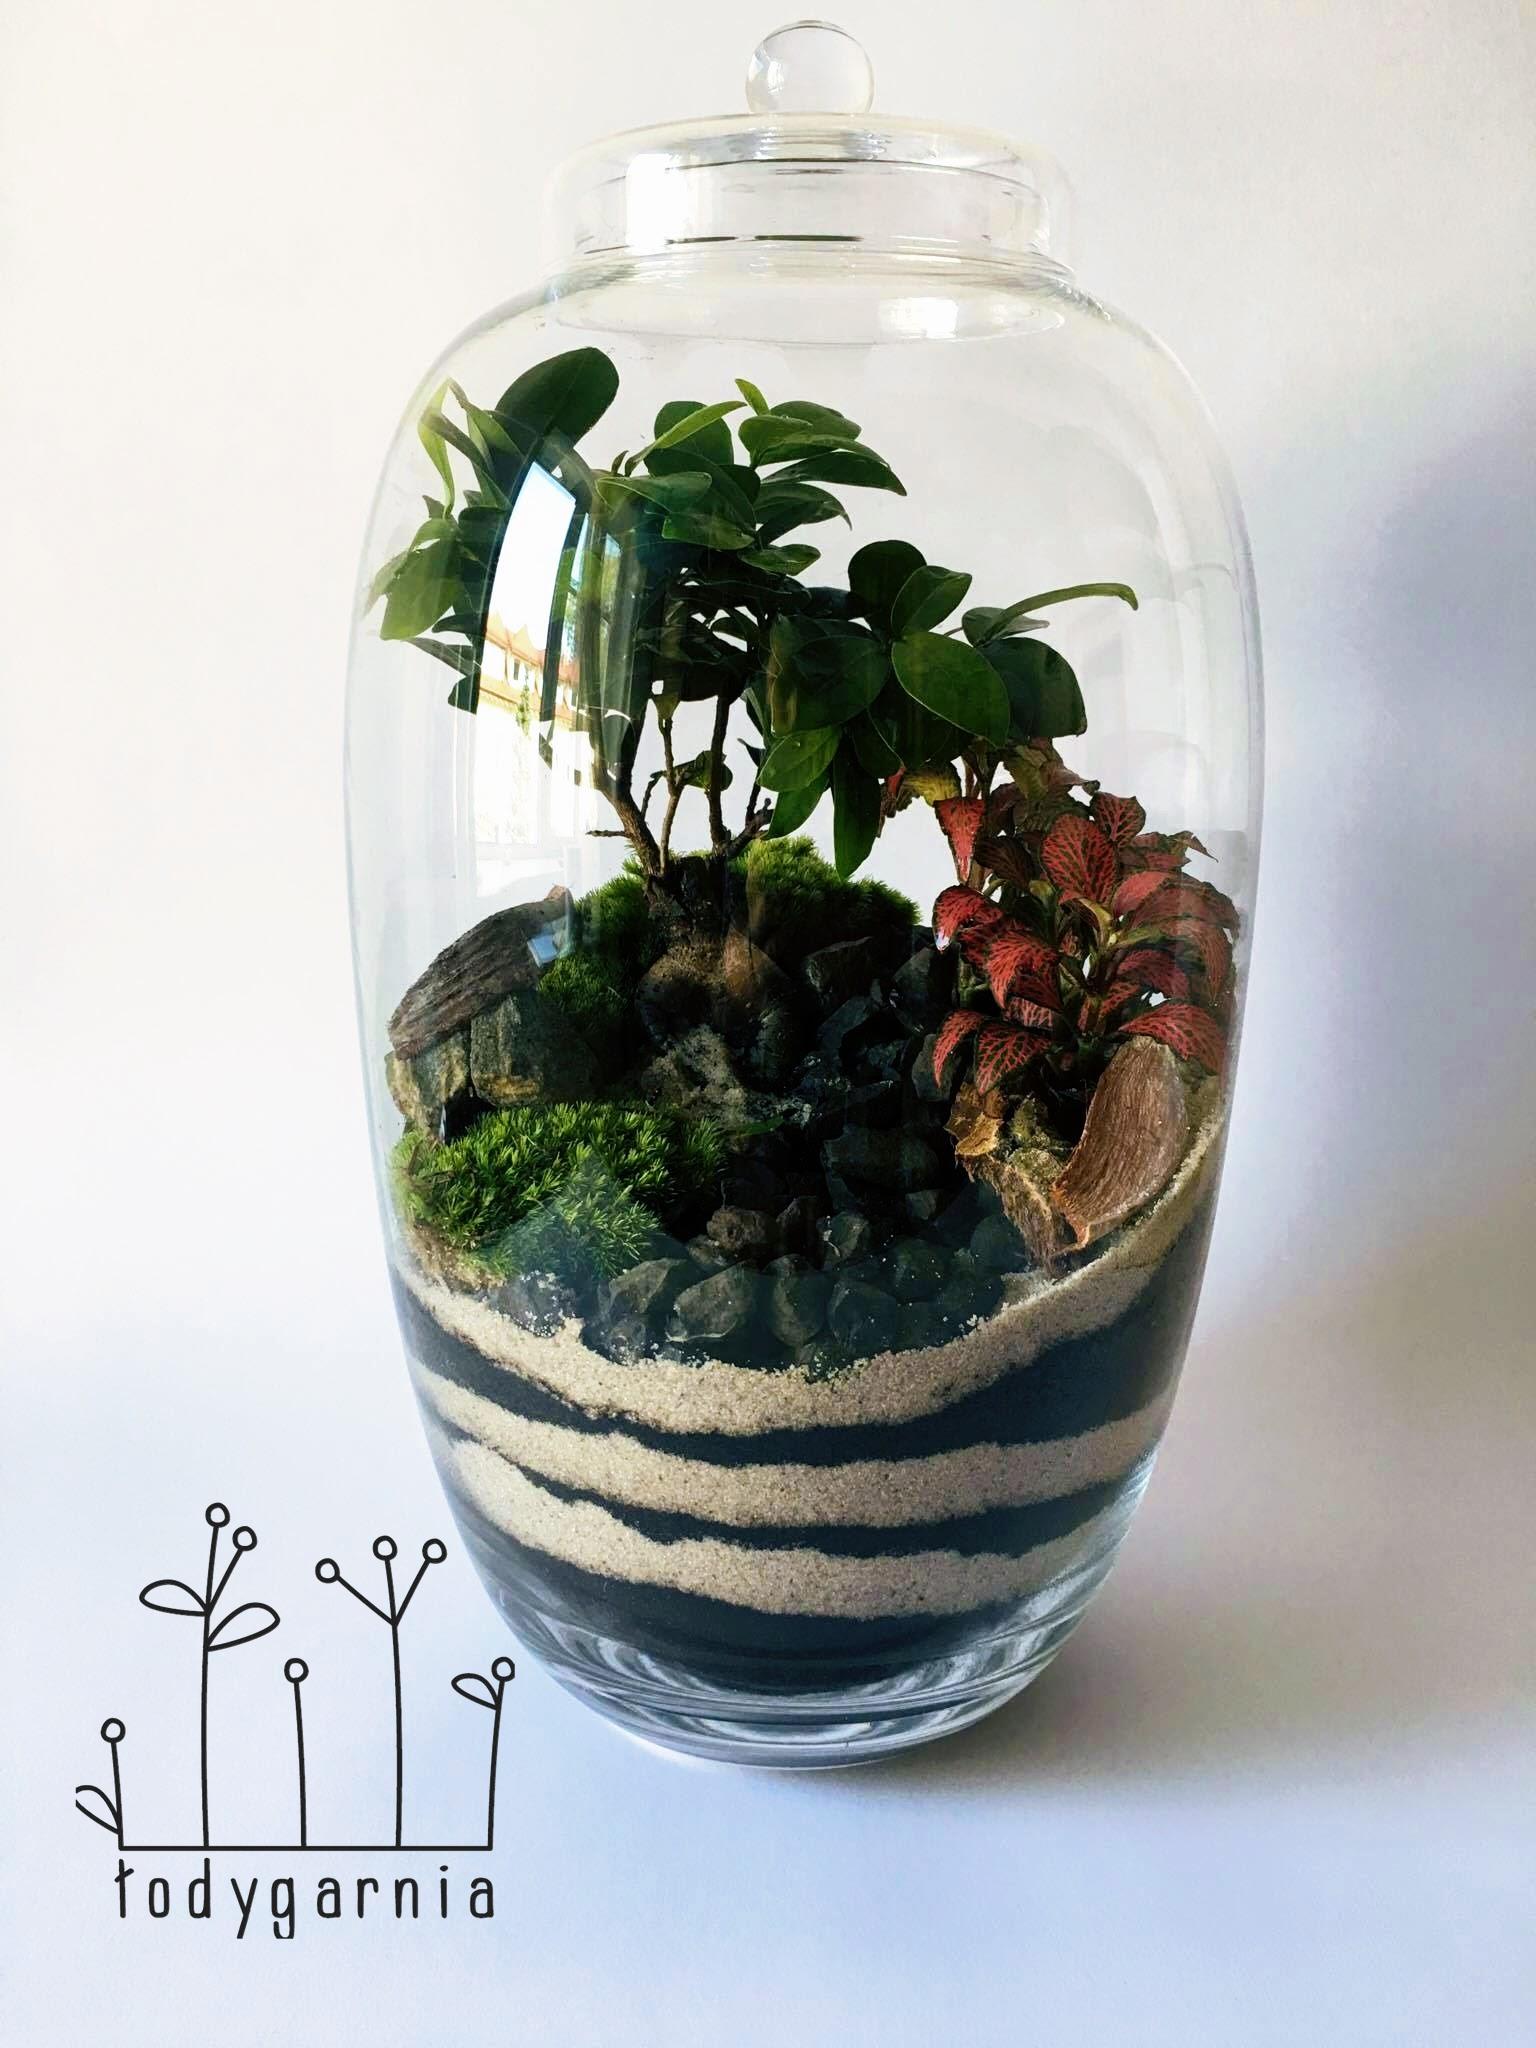 Ogród W Szkle Las W Szkle Ficus Bonsai Prezent 7008274125